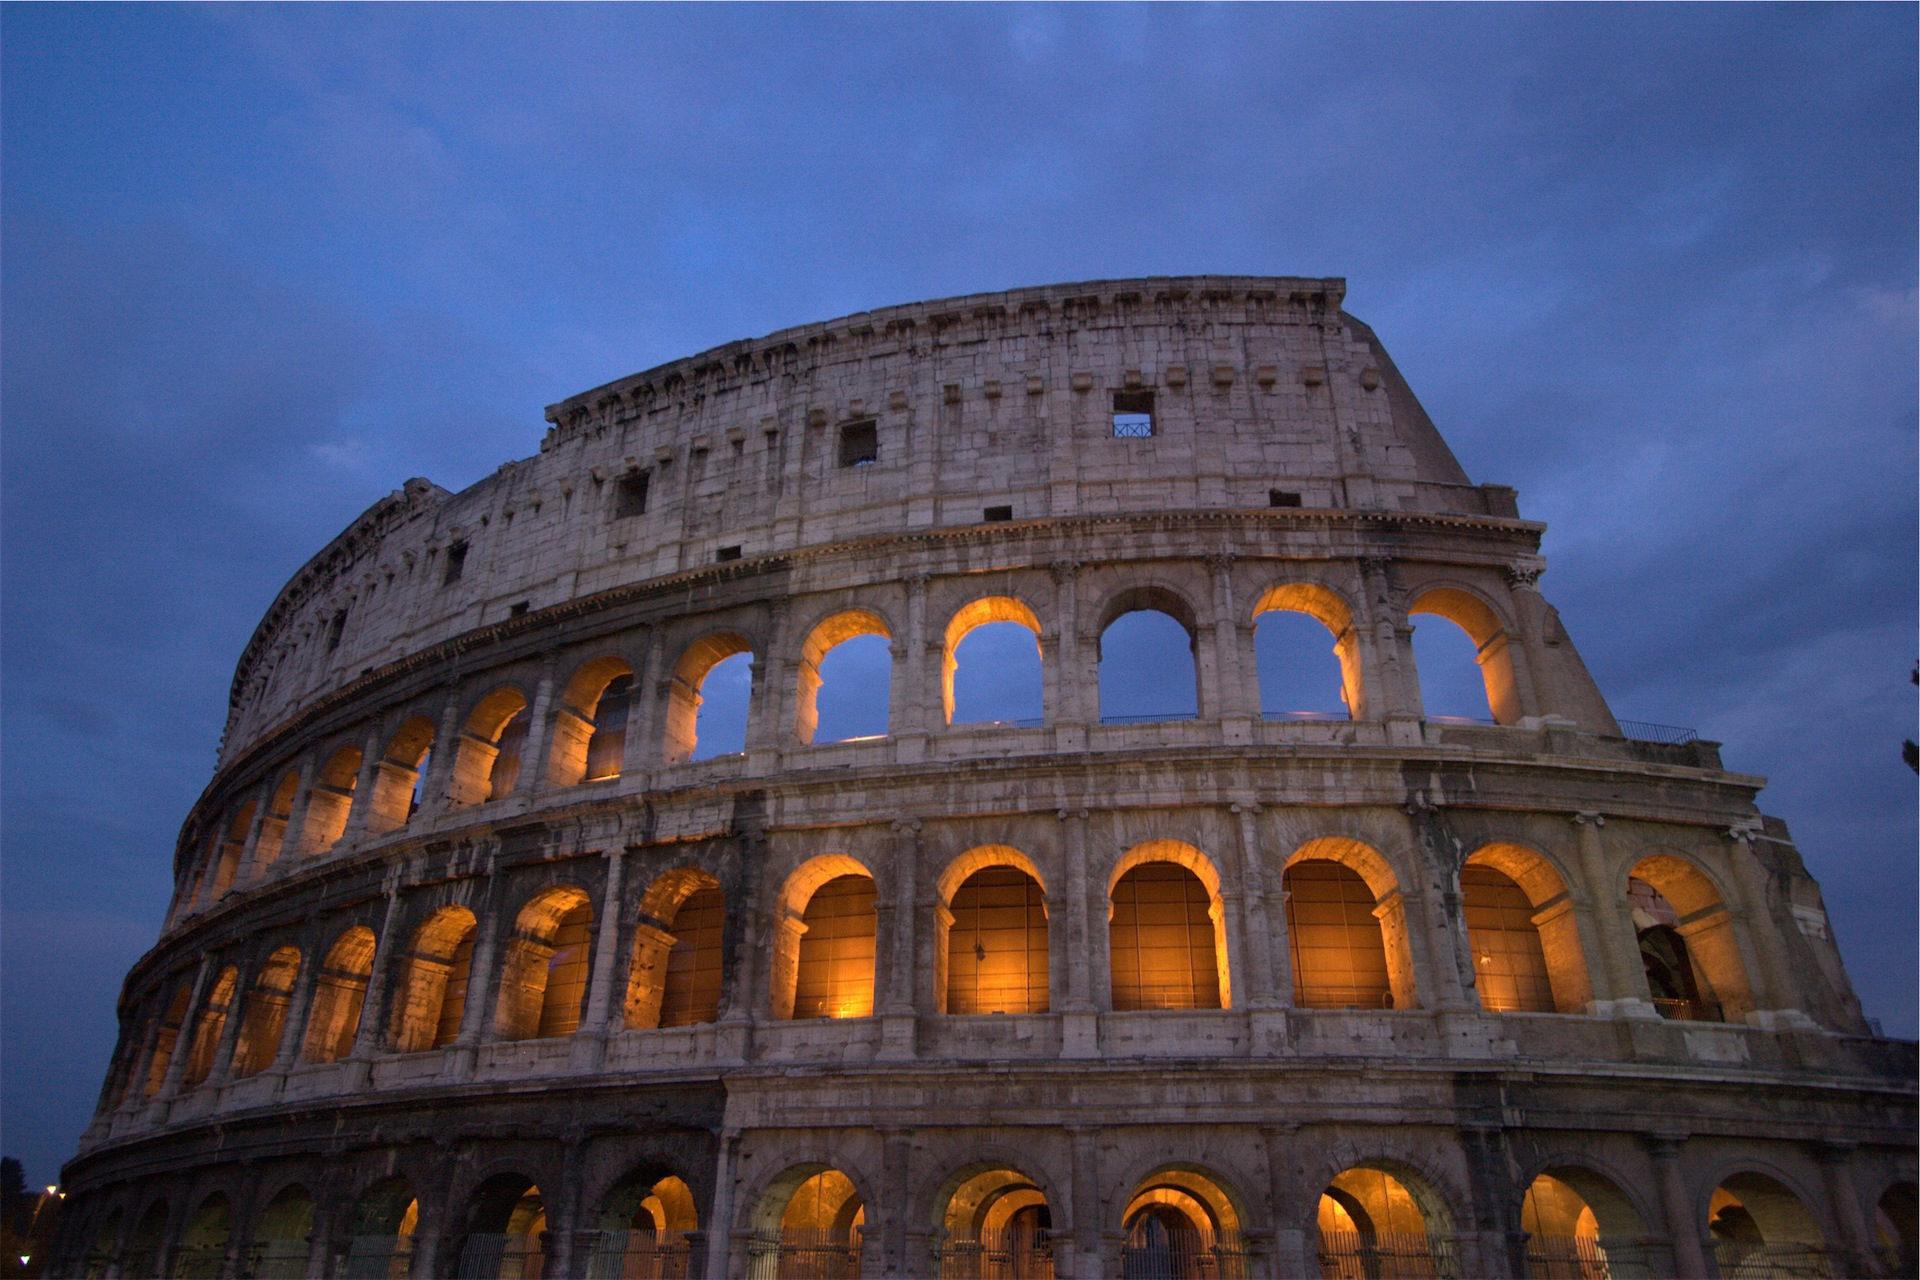 Colisée, Romain, Rome, Empire, Italie - Fonds d'écran HD - Professor-falken.com